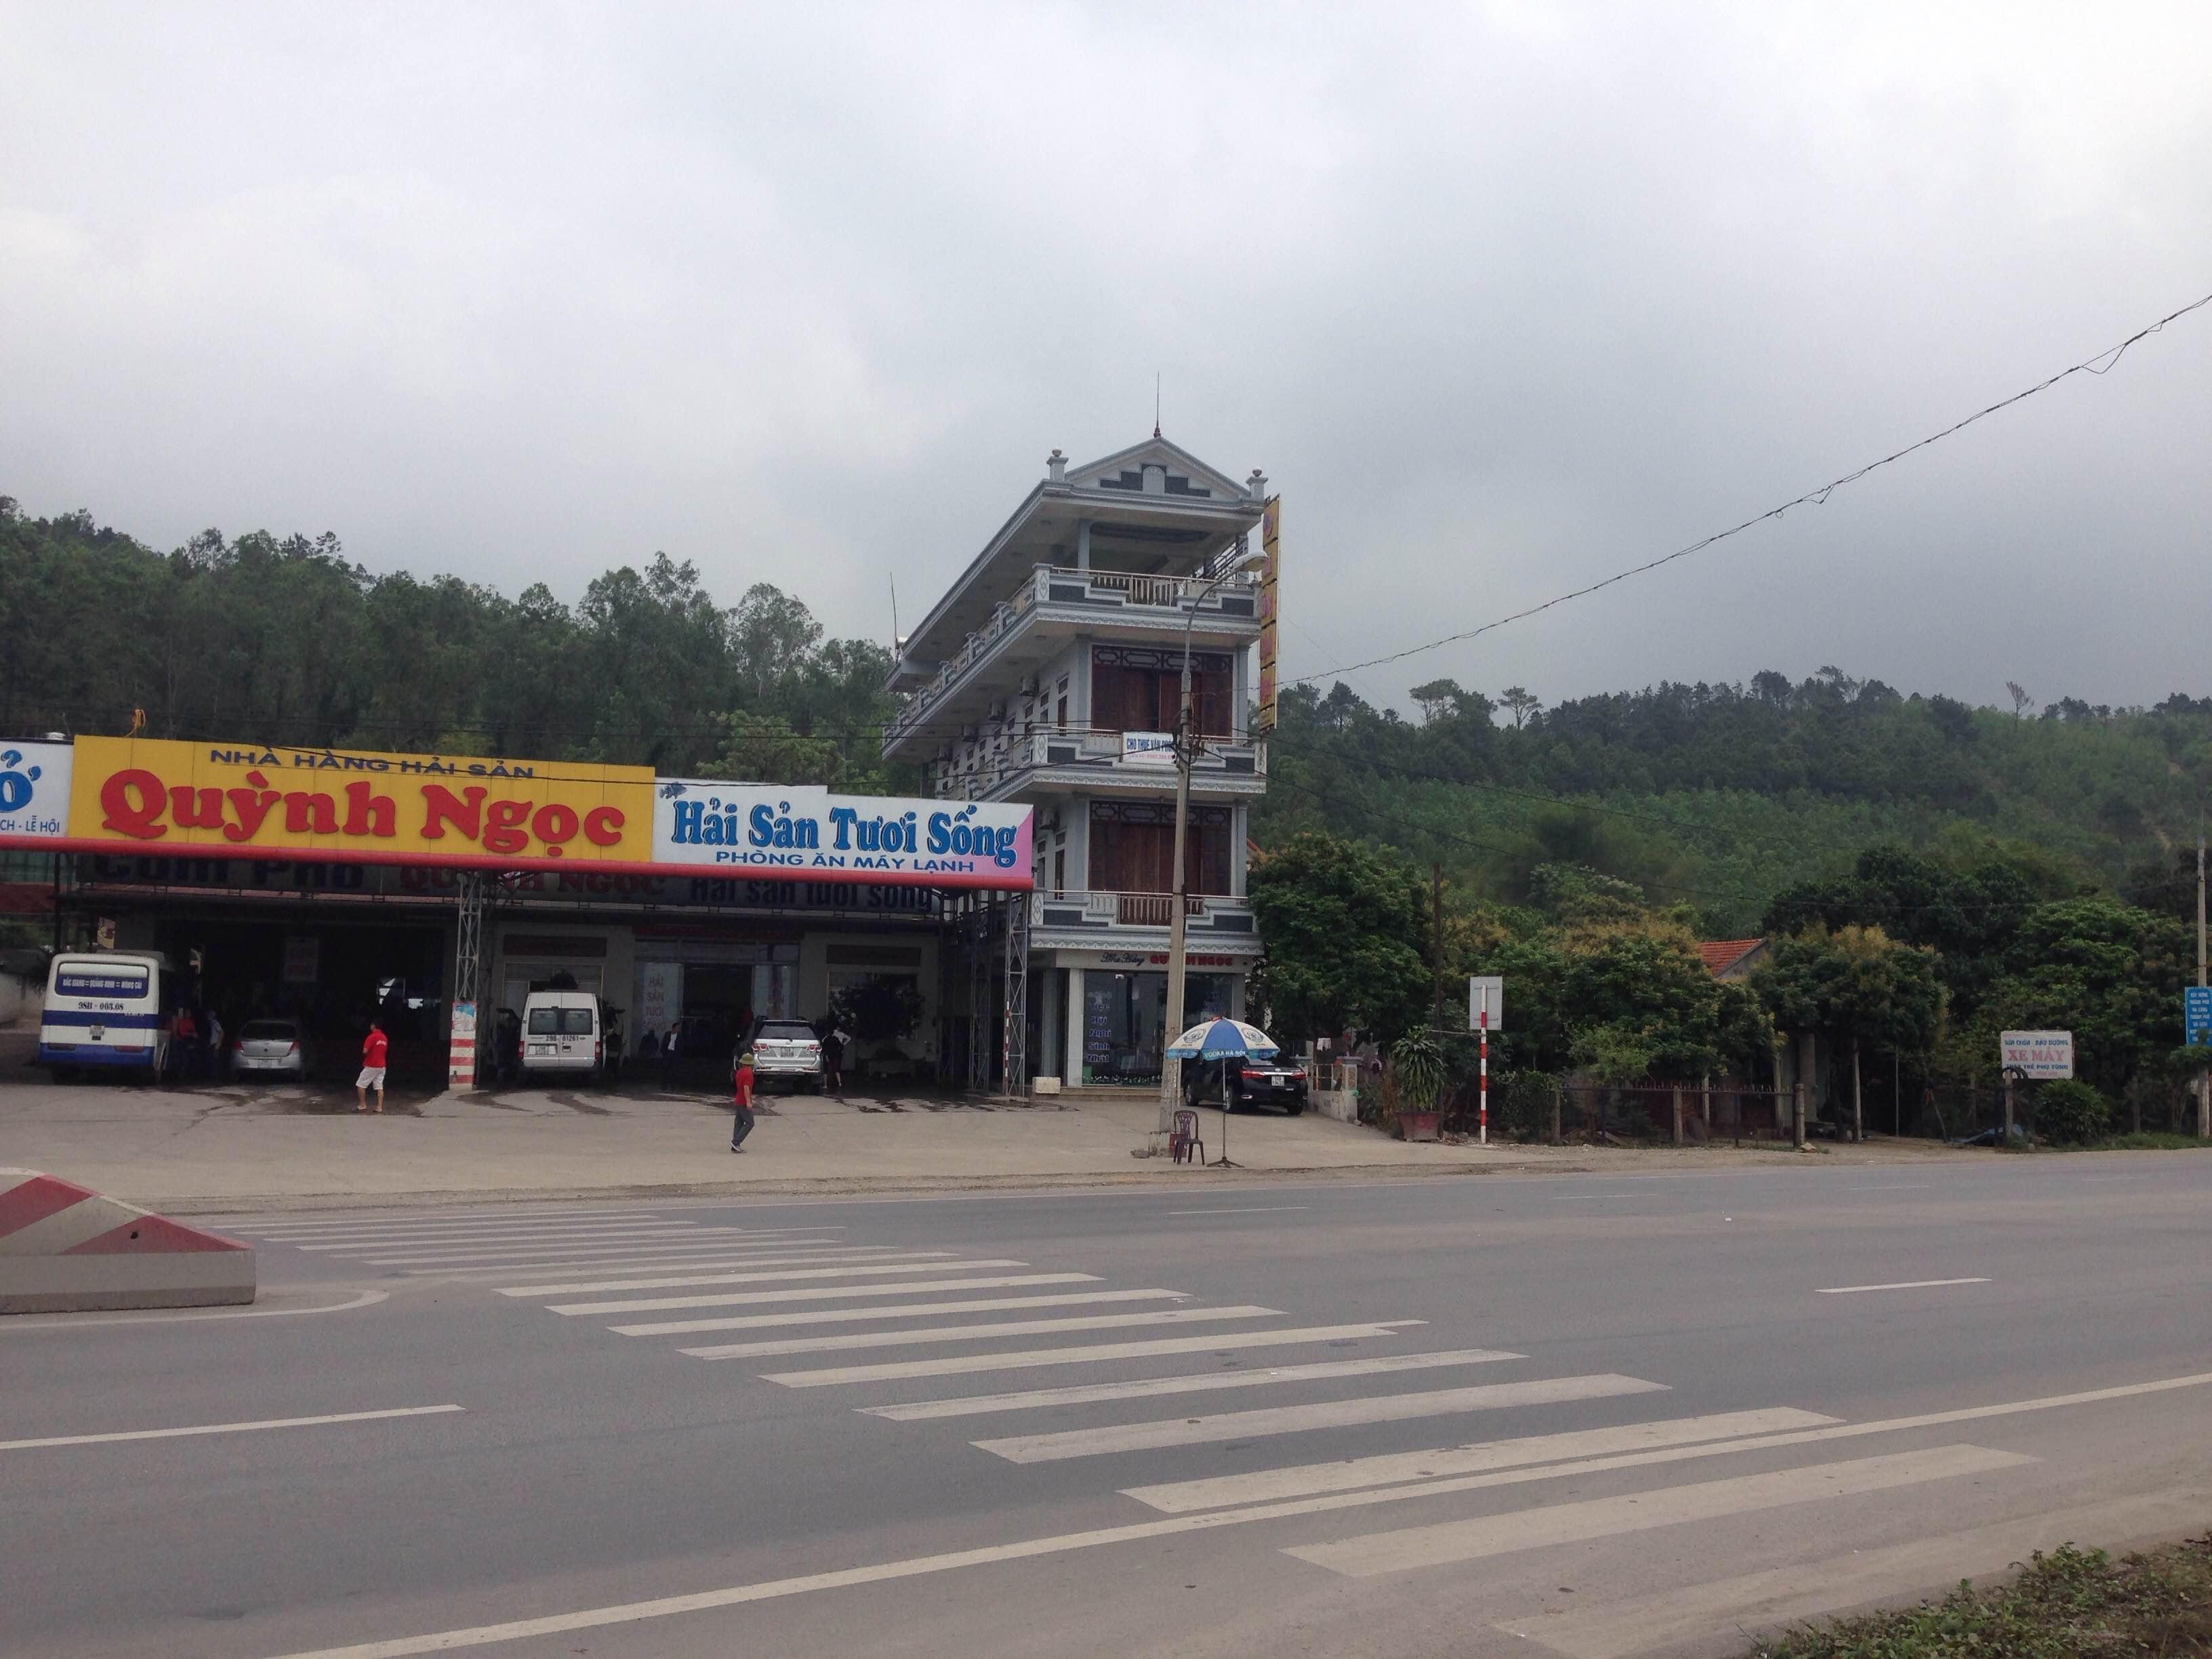 Một lối mở sang đường rộng rãi được  thiết kế ngay trước cửa một nhà hàng